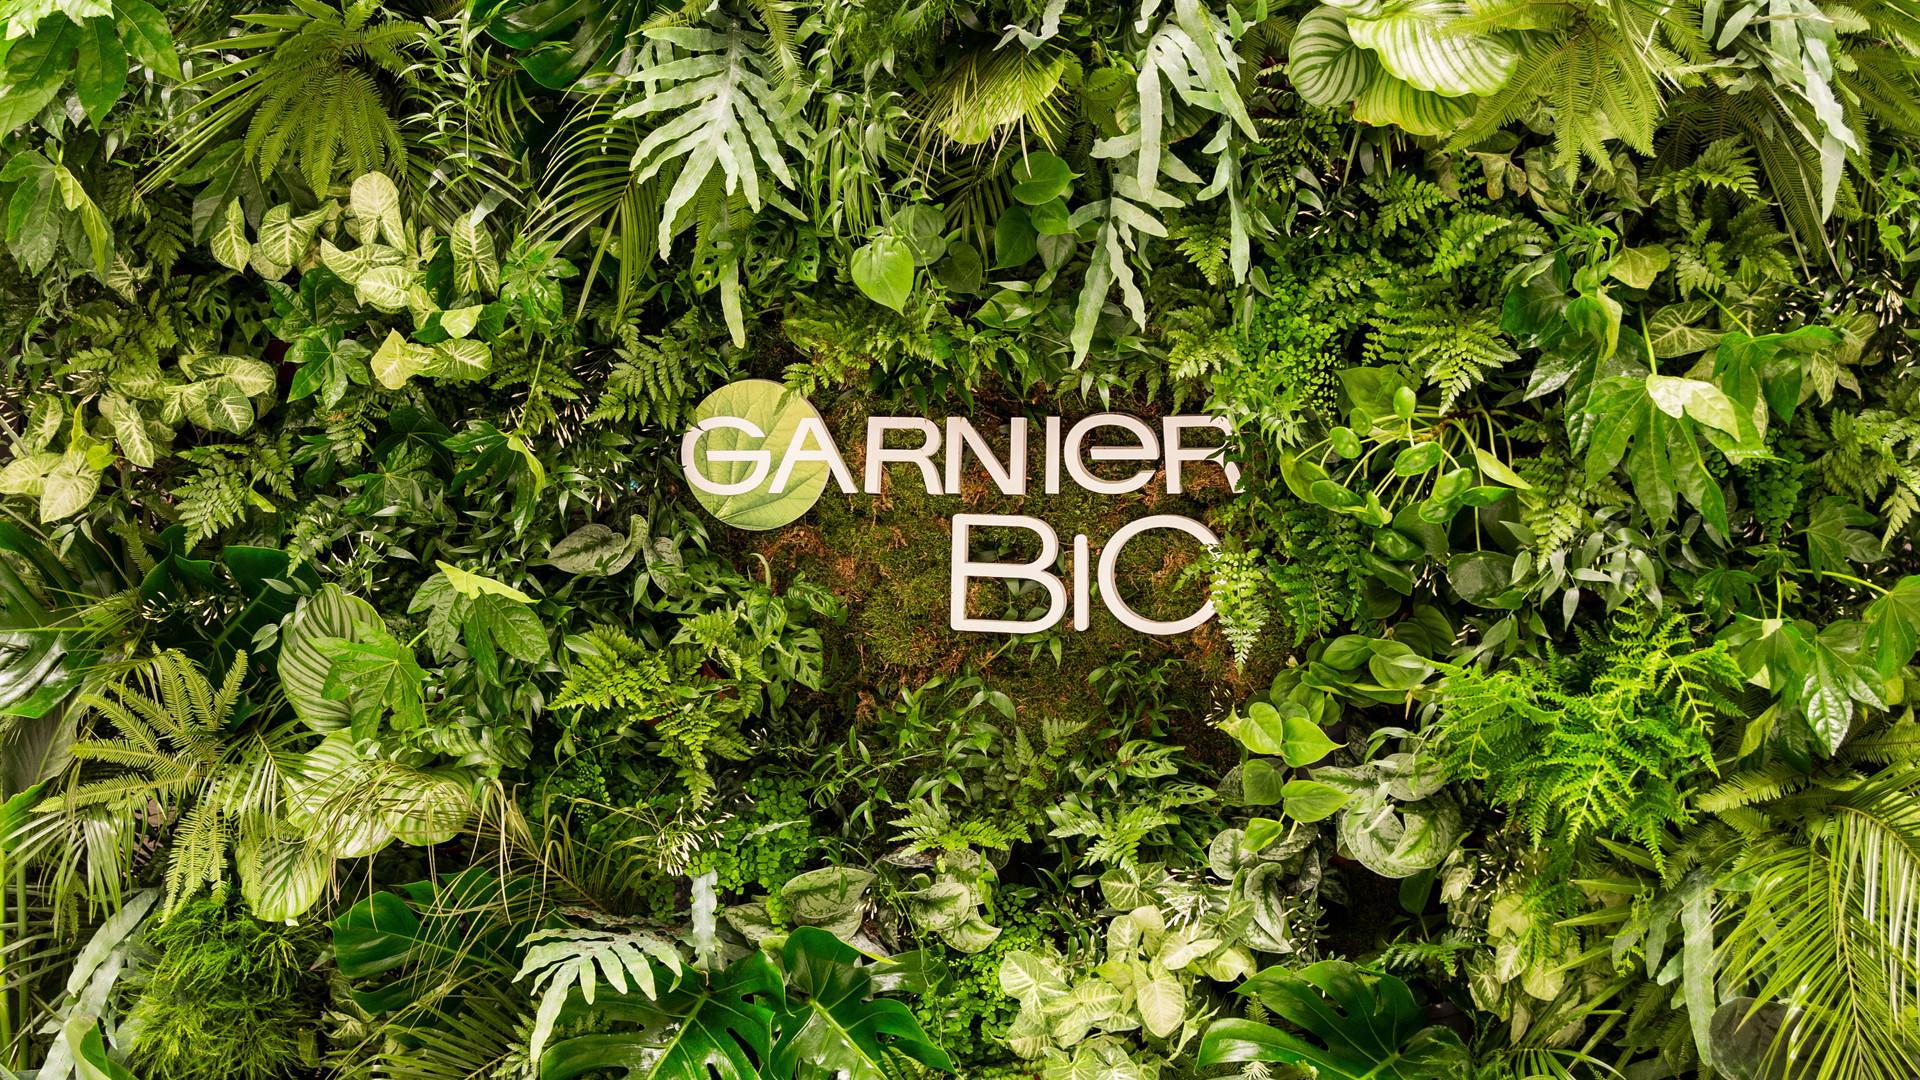 Garnier Bio Installation